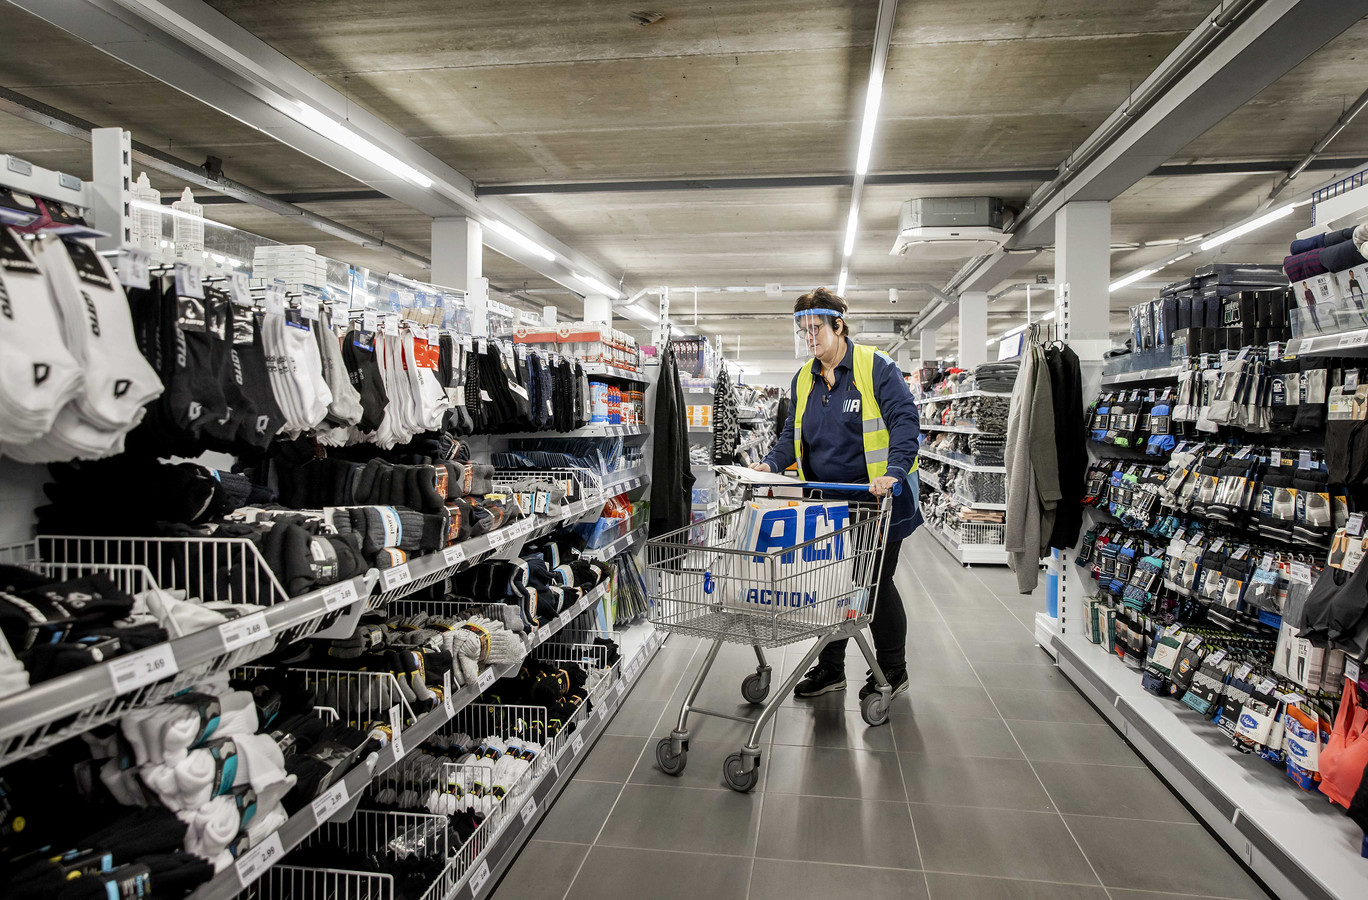 Een medewerker van Action verzamelt bestellingen in de winkel tijdens de laatste lockdown. Tijdens deze periode ontdekte de discountformule dat klanten het ook op prijs stellen om online producten te kunnen bestellen.